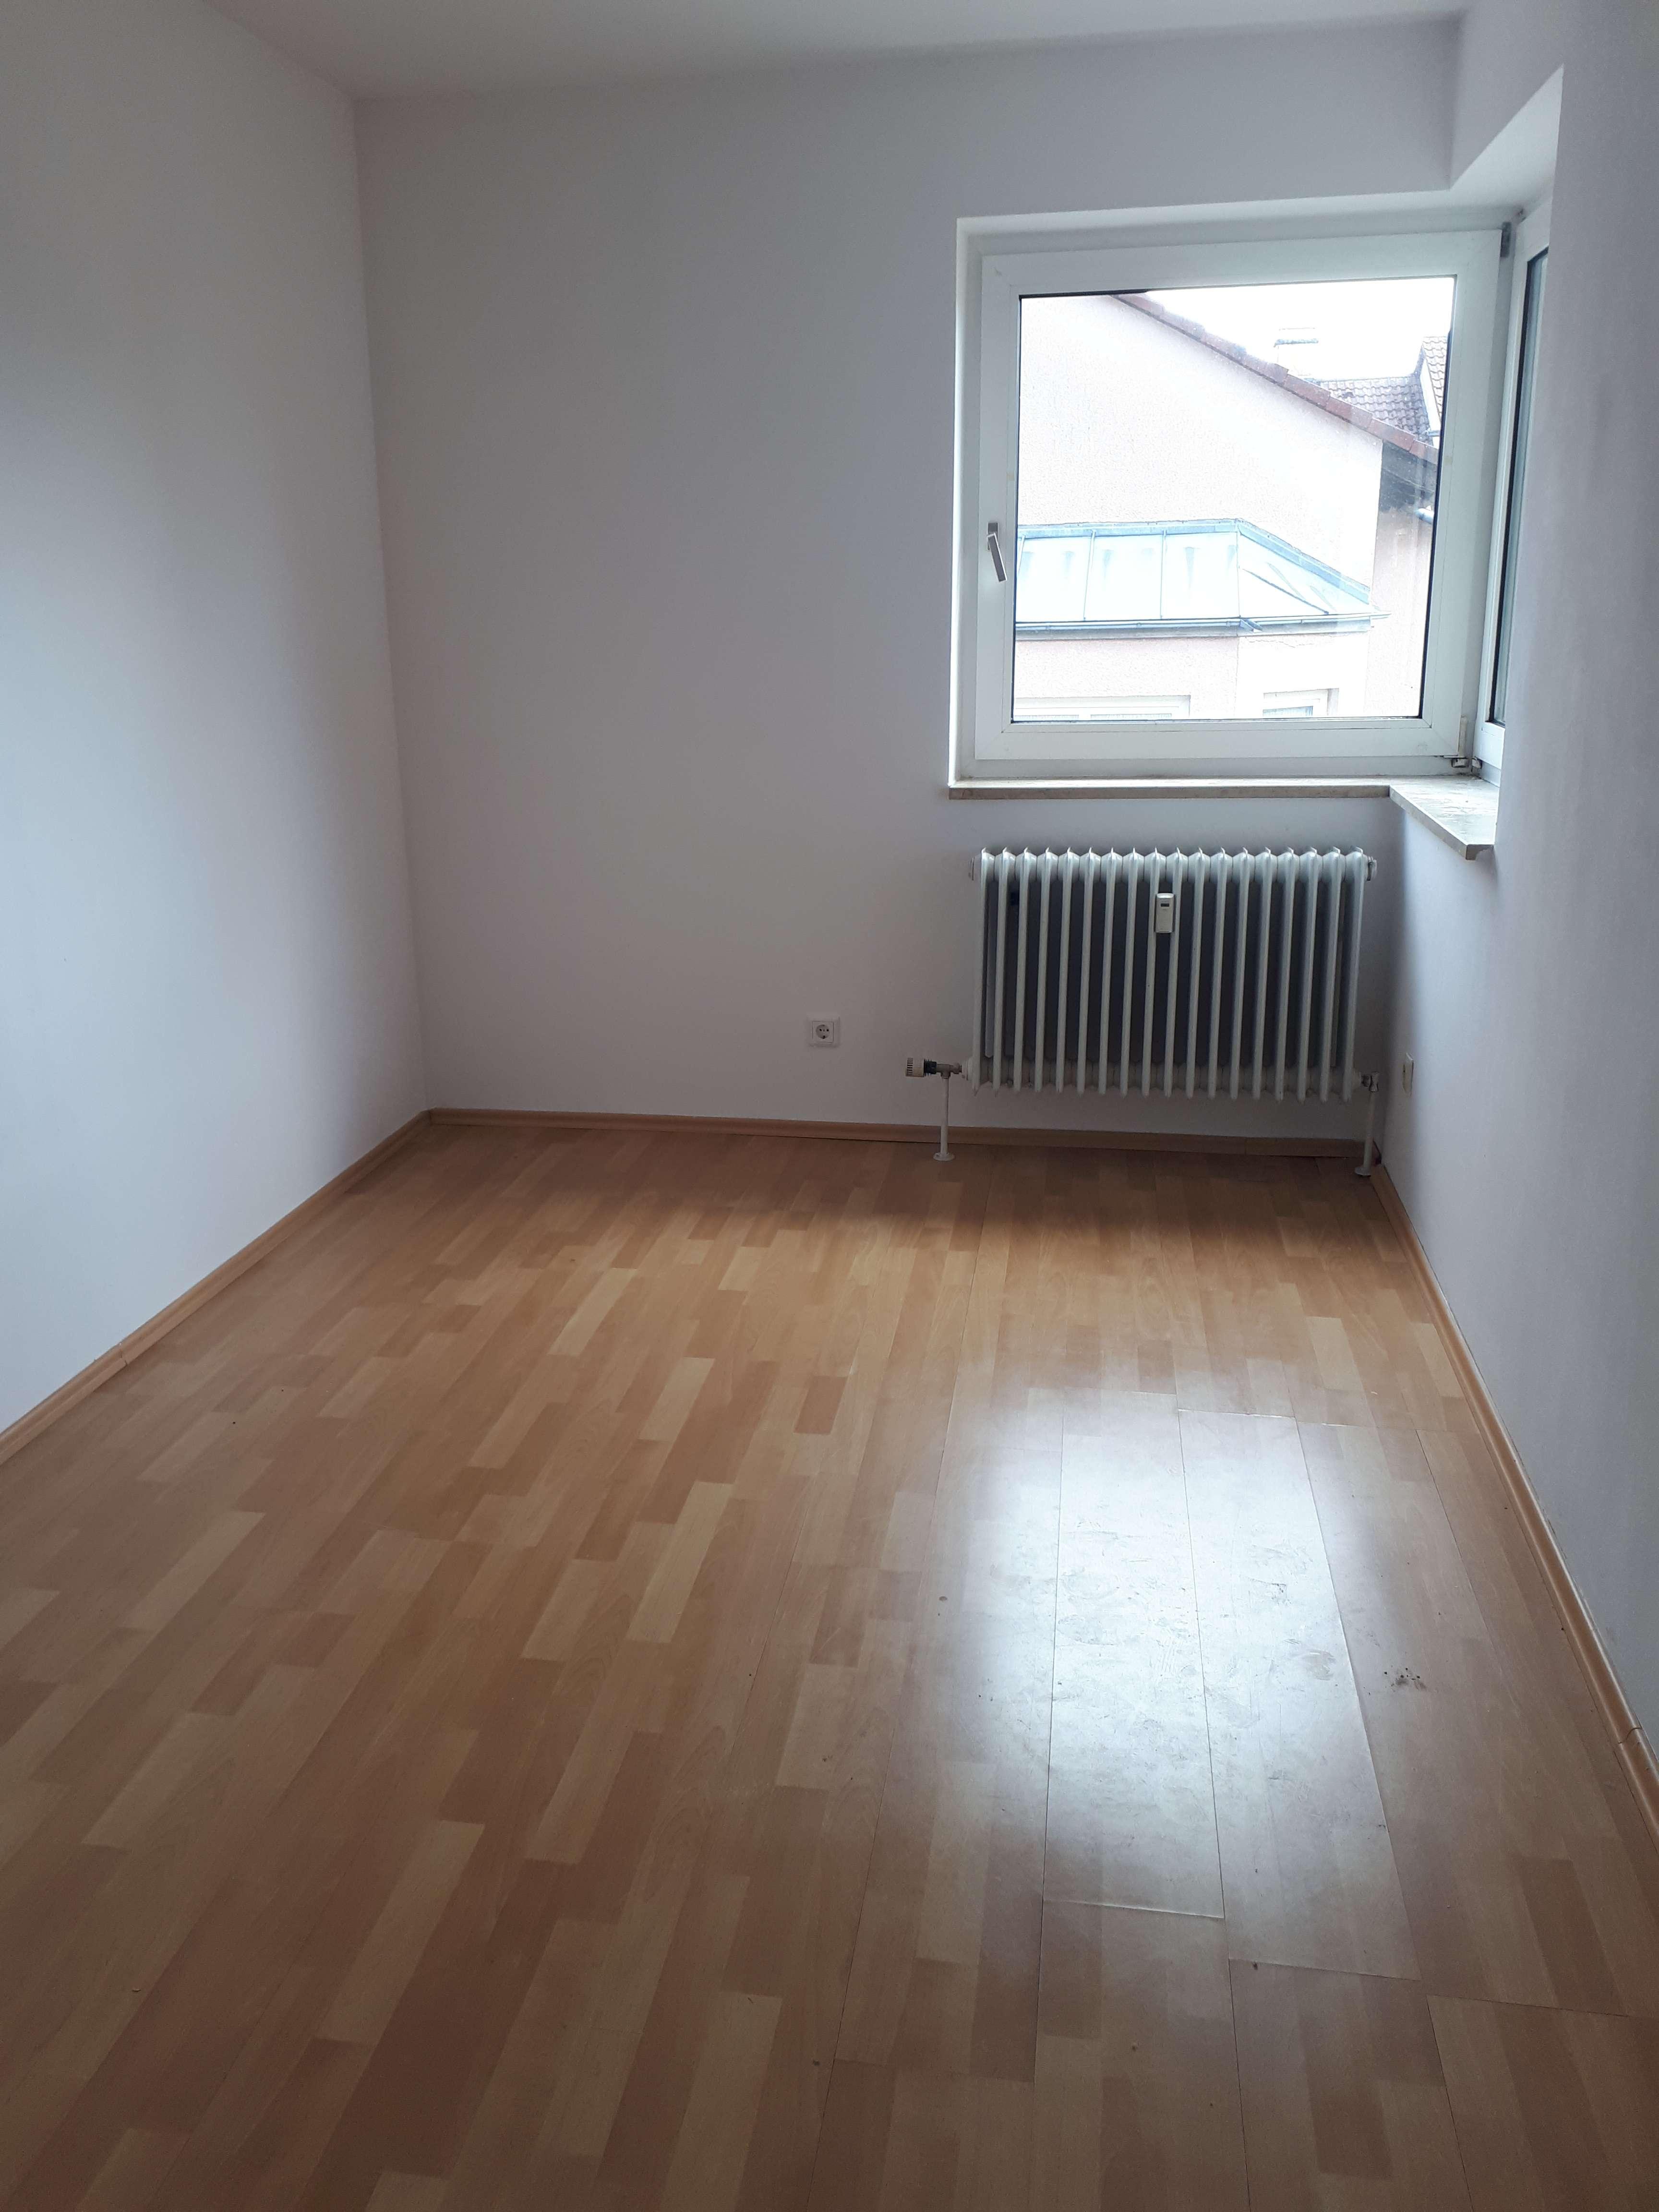 Großzügige 3-Zimmer Wohnung in Rödental - Gnailes zu vermieten *WBS erforderlich*